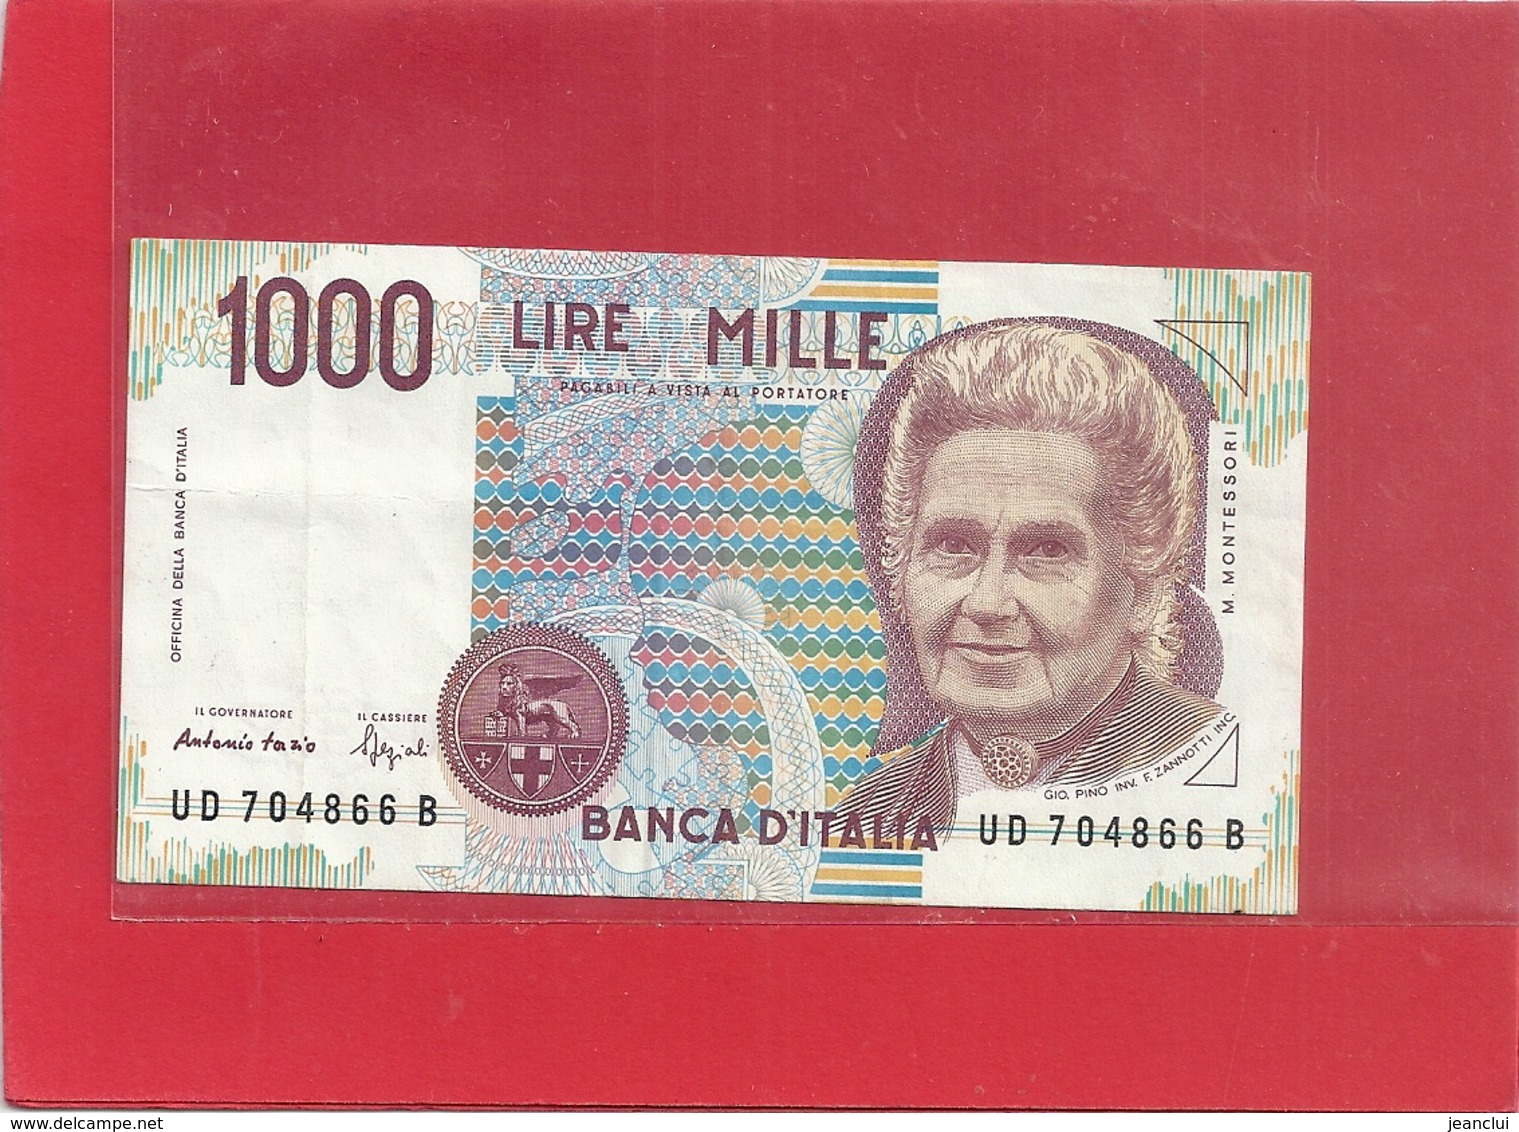 BANCA D'ITALIA . 1.000 LIRE . M. MONTESSORI . 3-10-1990 N° UD 704866 B   . 2 SCANES - [ 2] 1946-… : République